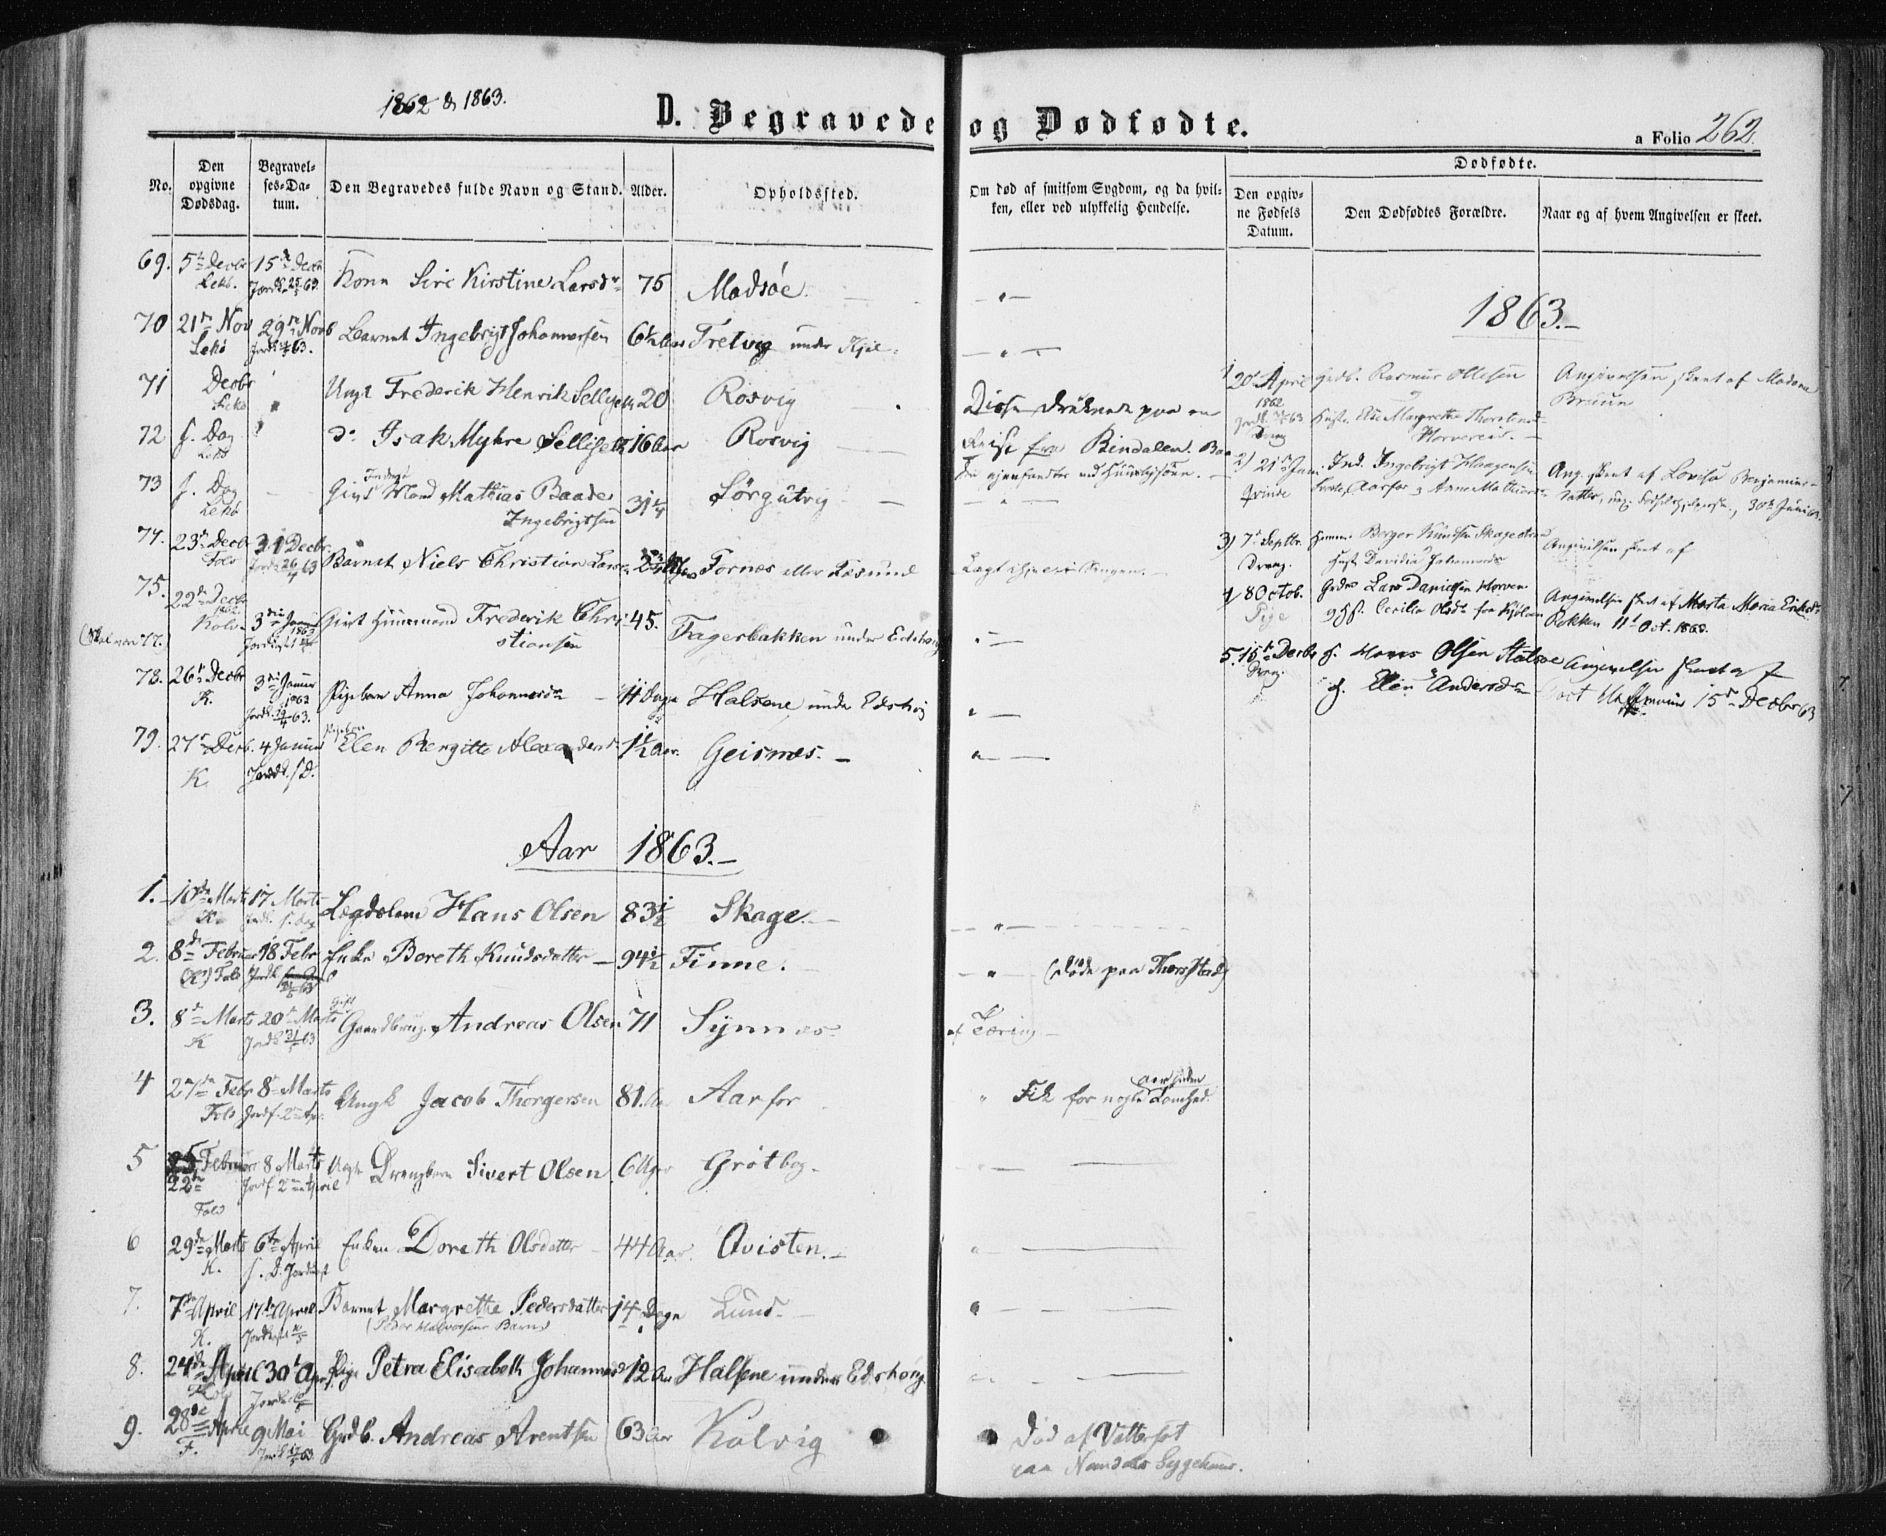 SAT, Ministerialprotokoller, klokkerbøker og fødselsregistre - Nord-Trøndelag, 780/L0641: Ministerialbok nr. 780A06, 1857-1874, s. 262